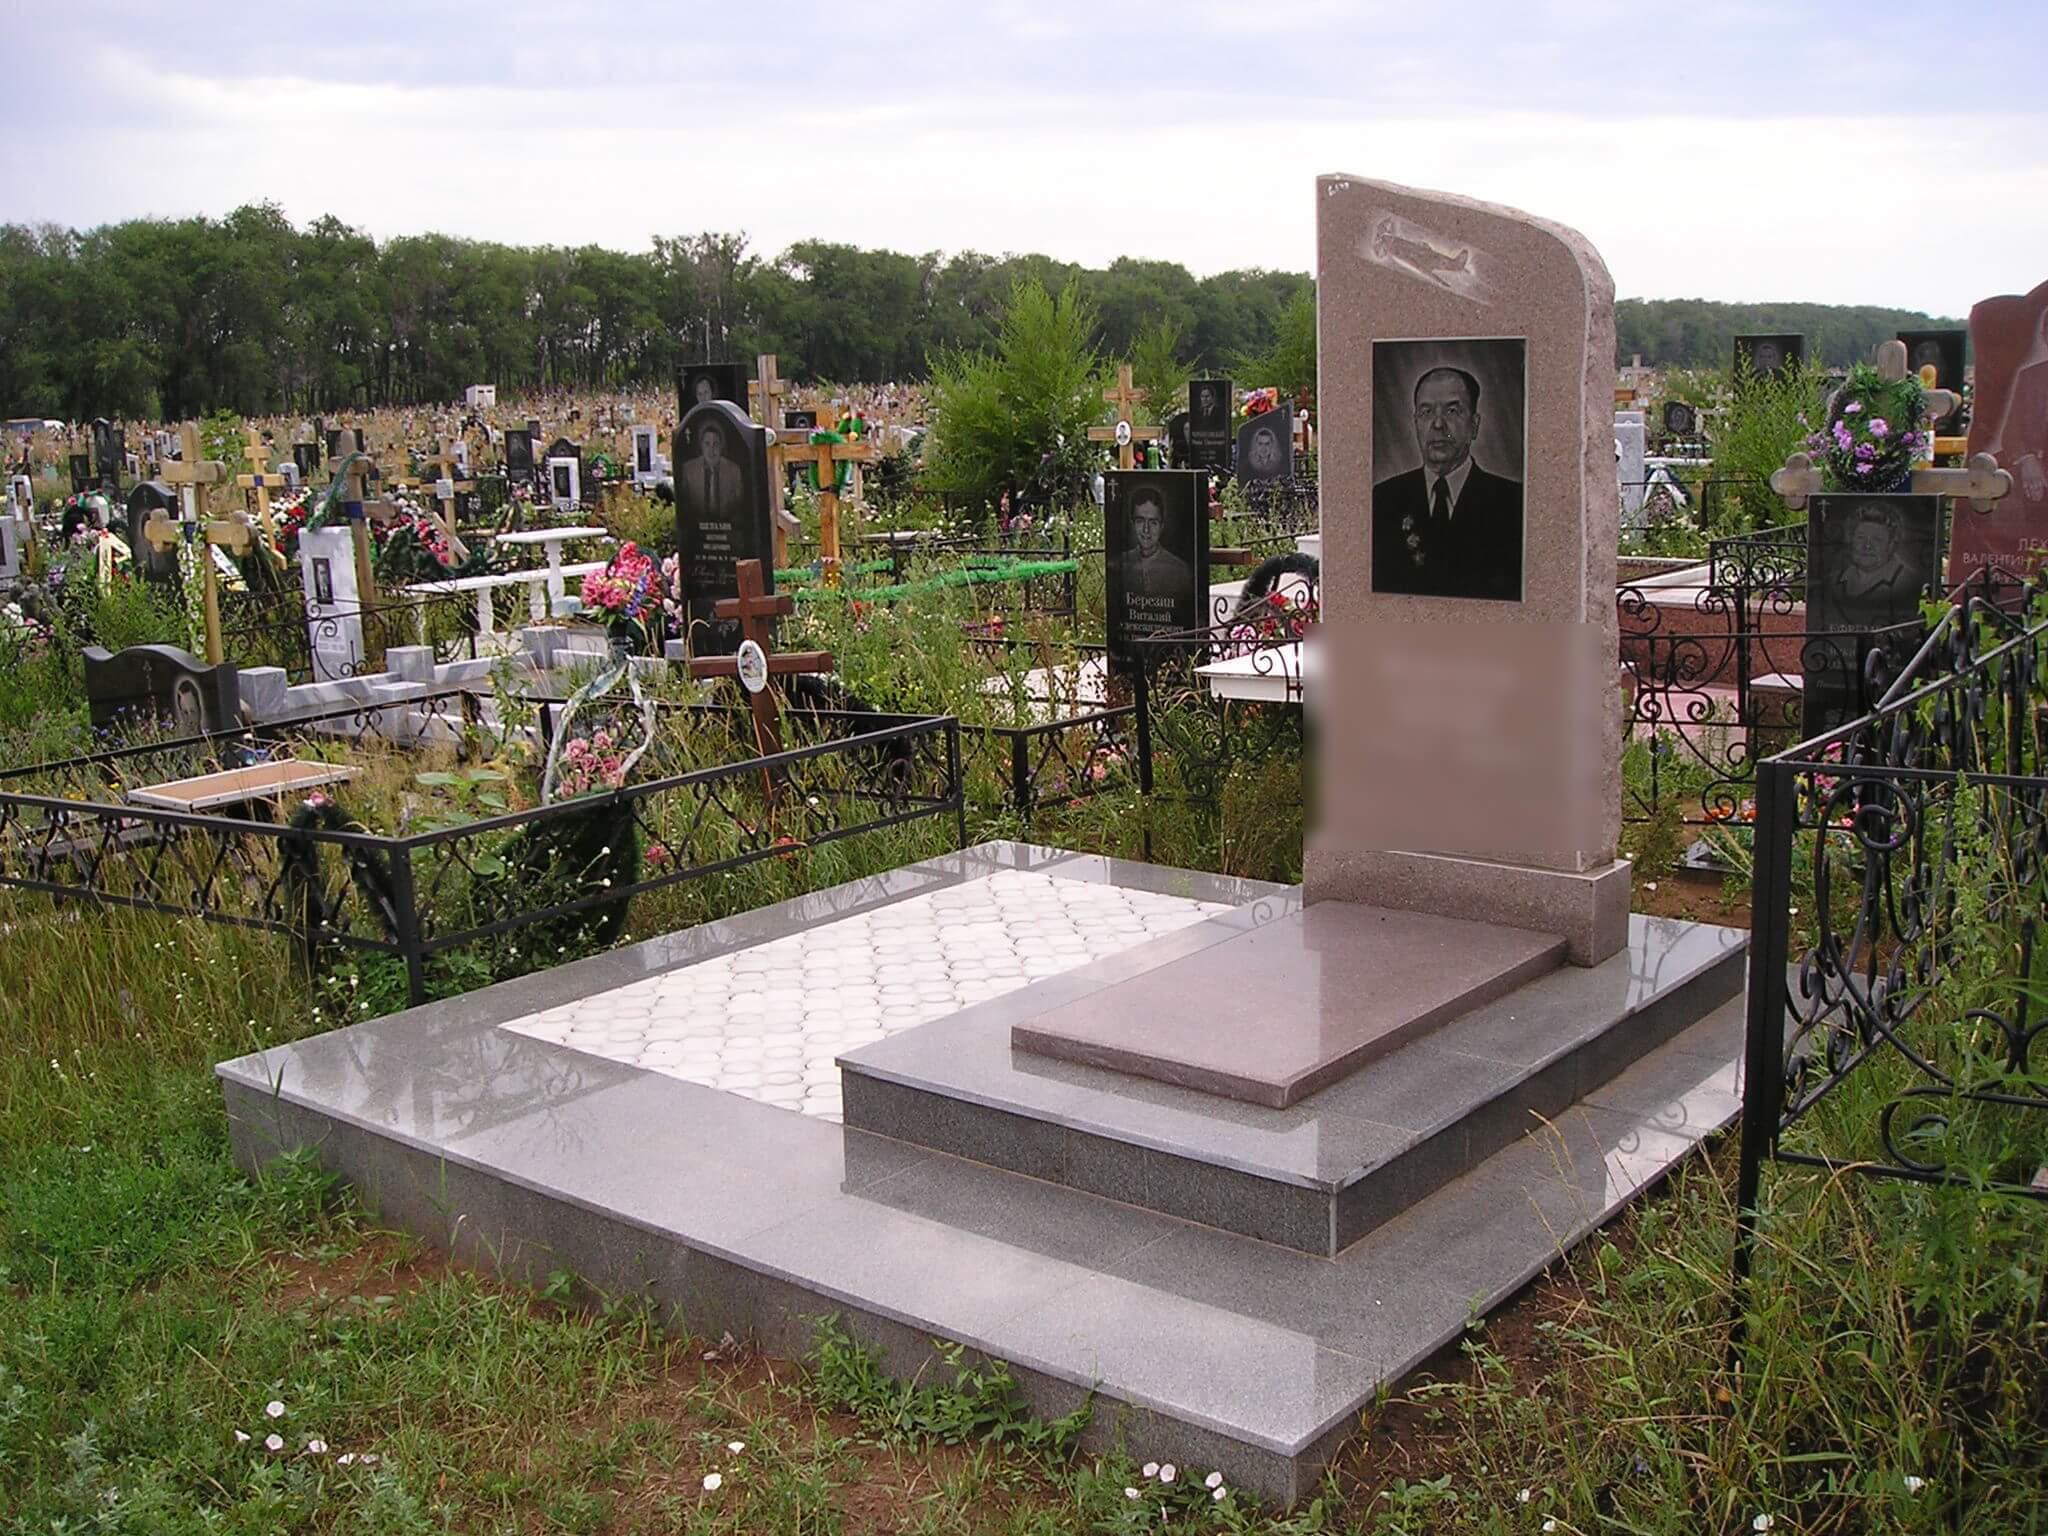 Памятники на могилу самара цены з памятники вов фото и описание 7777777777777777777777777777777777777